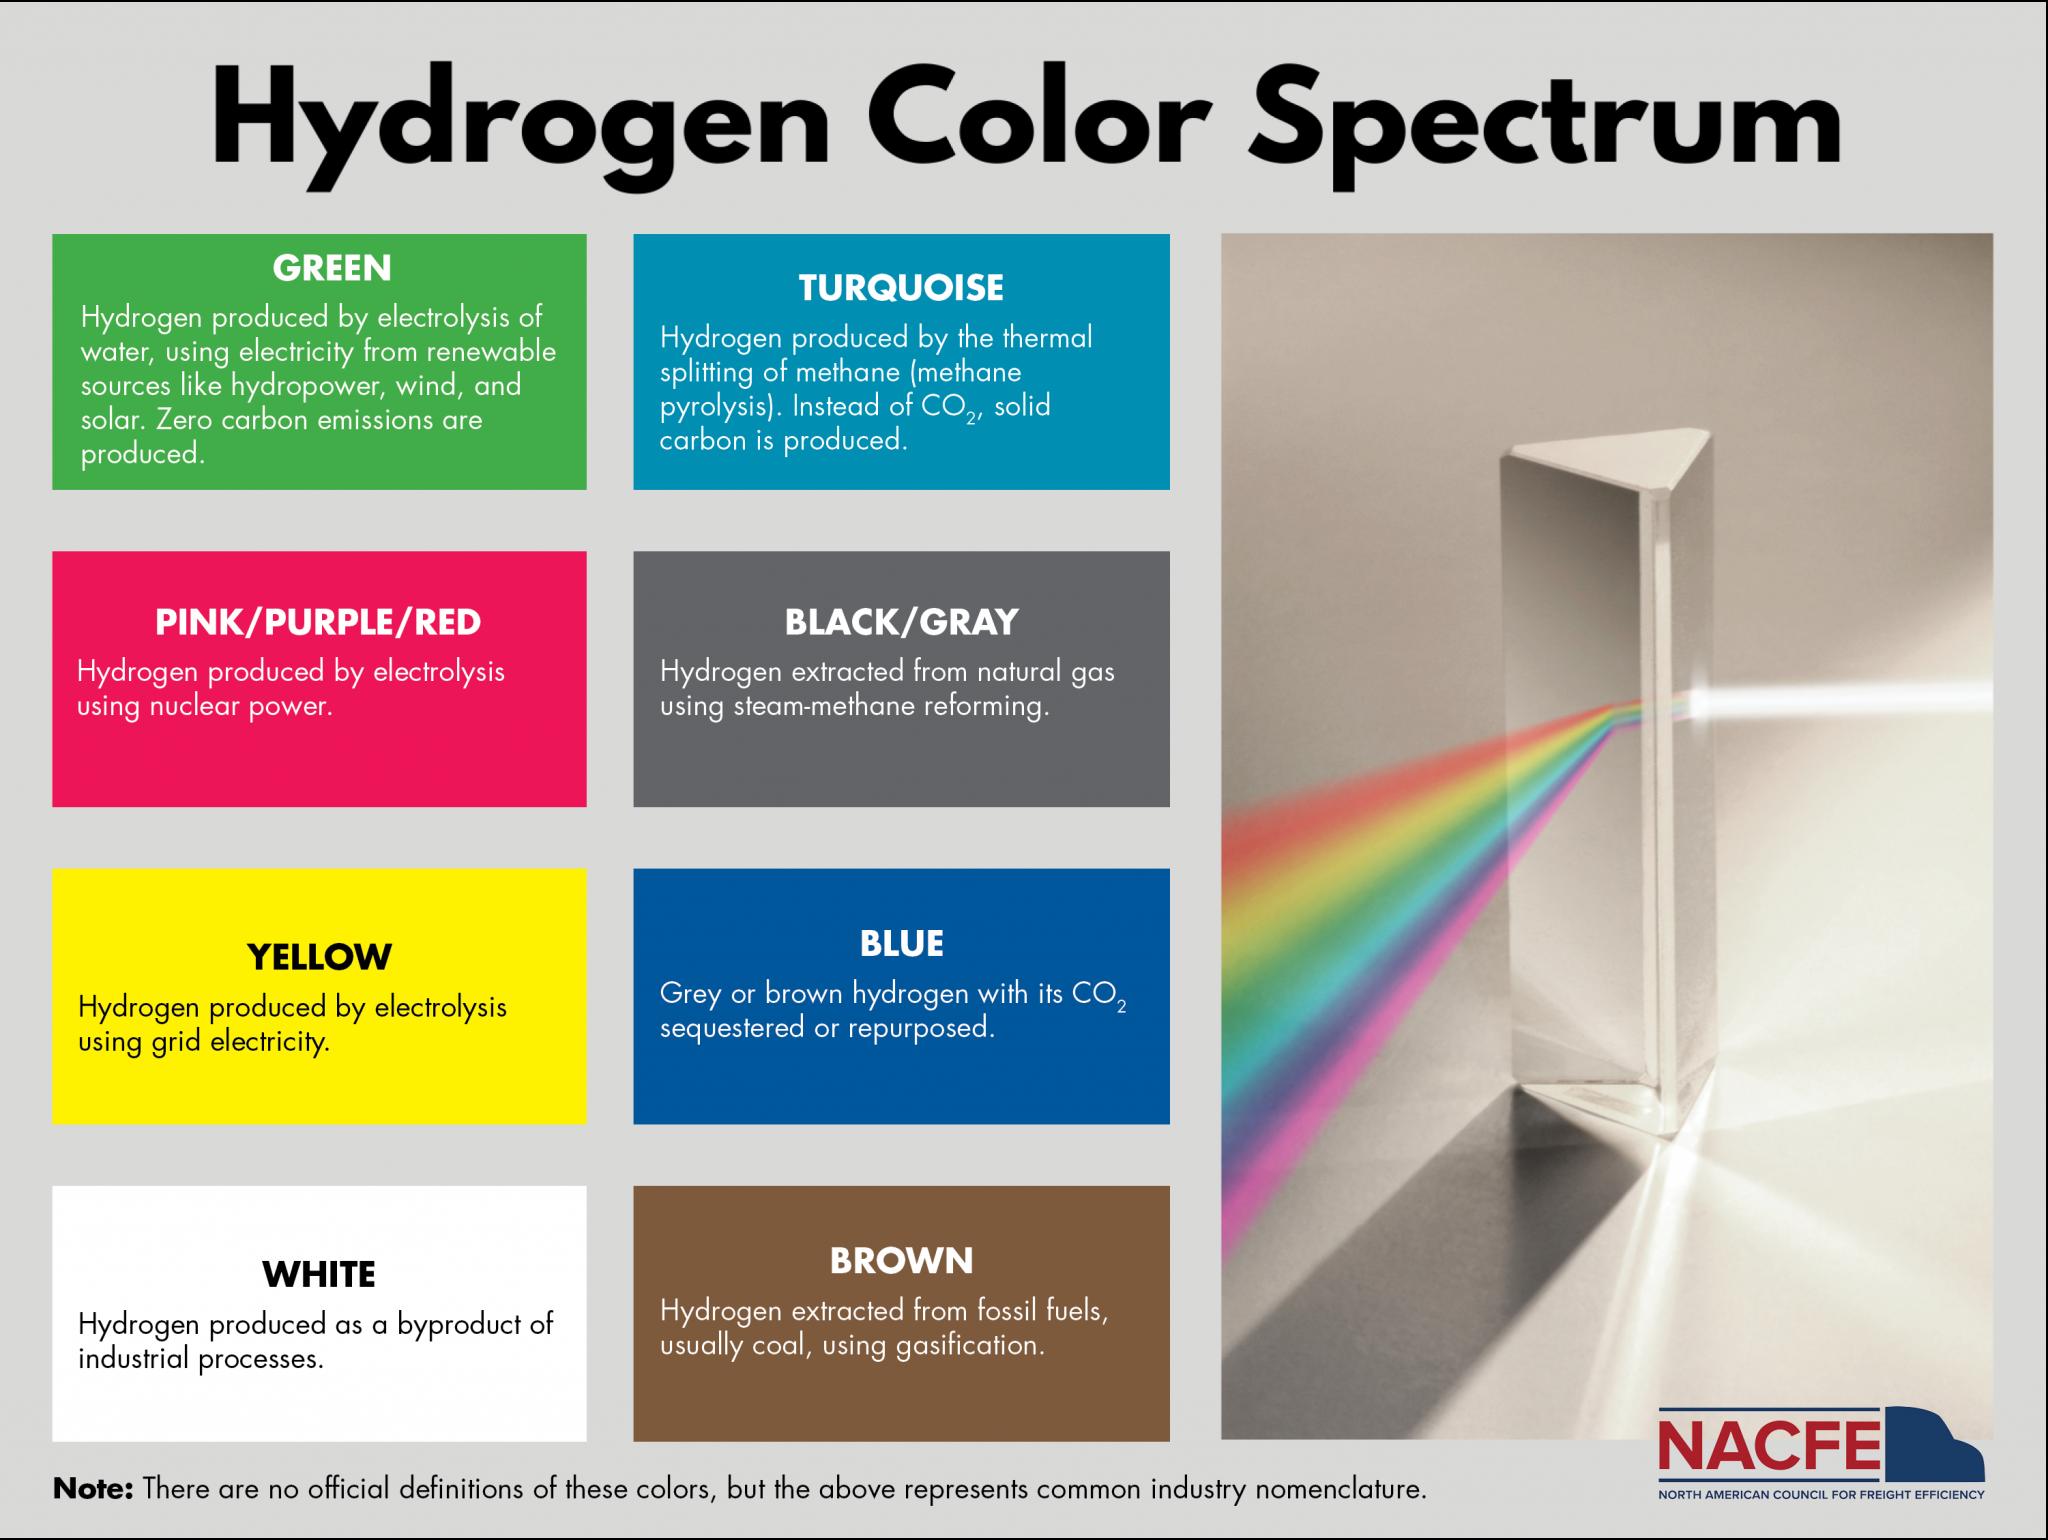 hydrogen-color-spectrum-hires-3